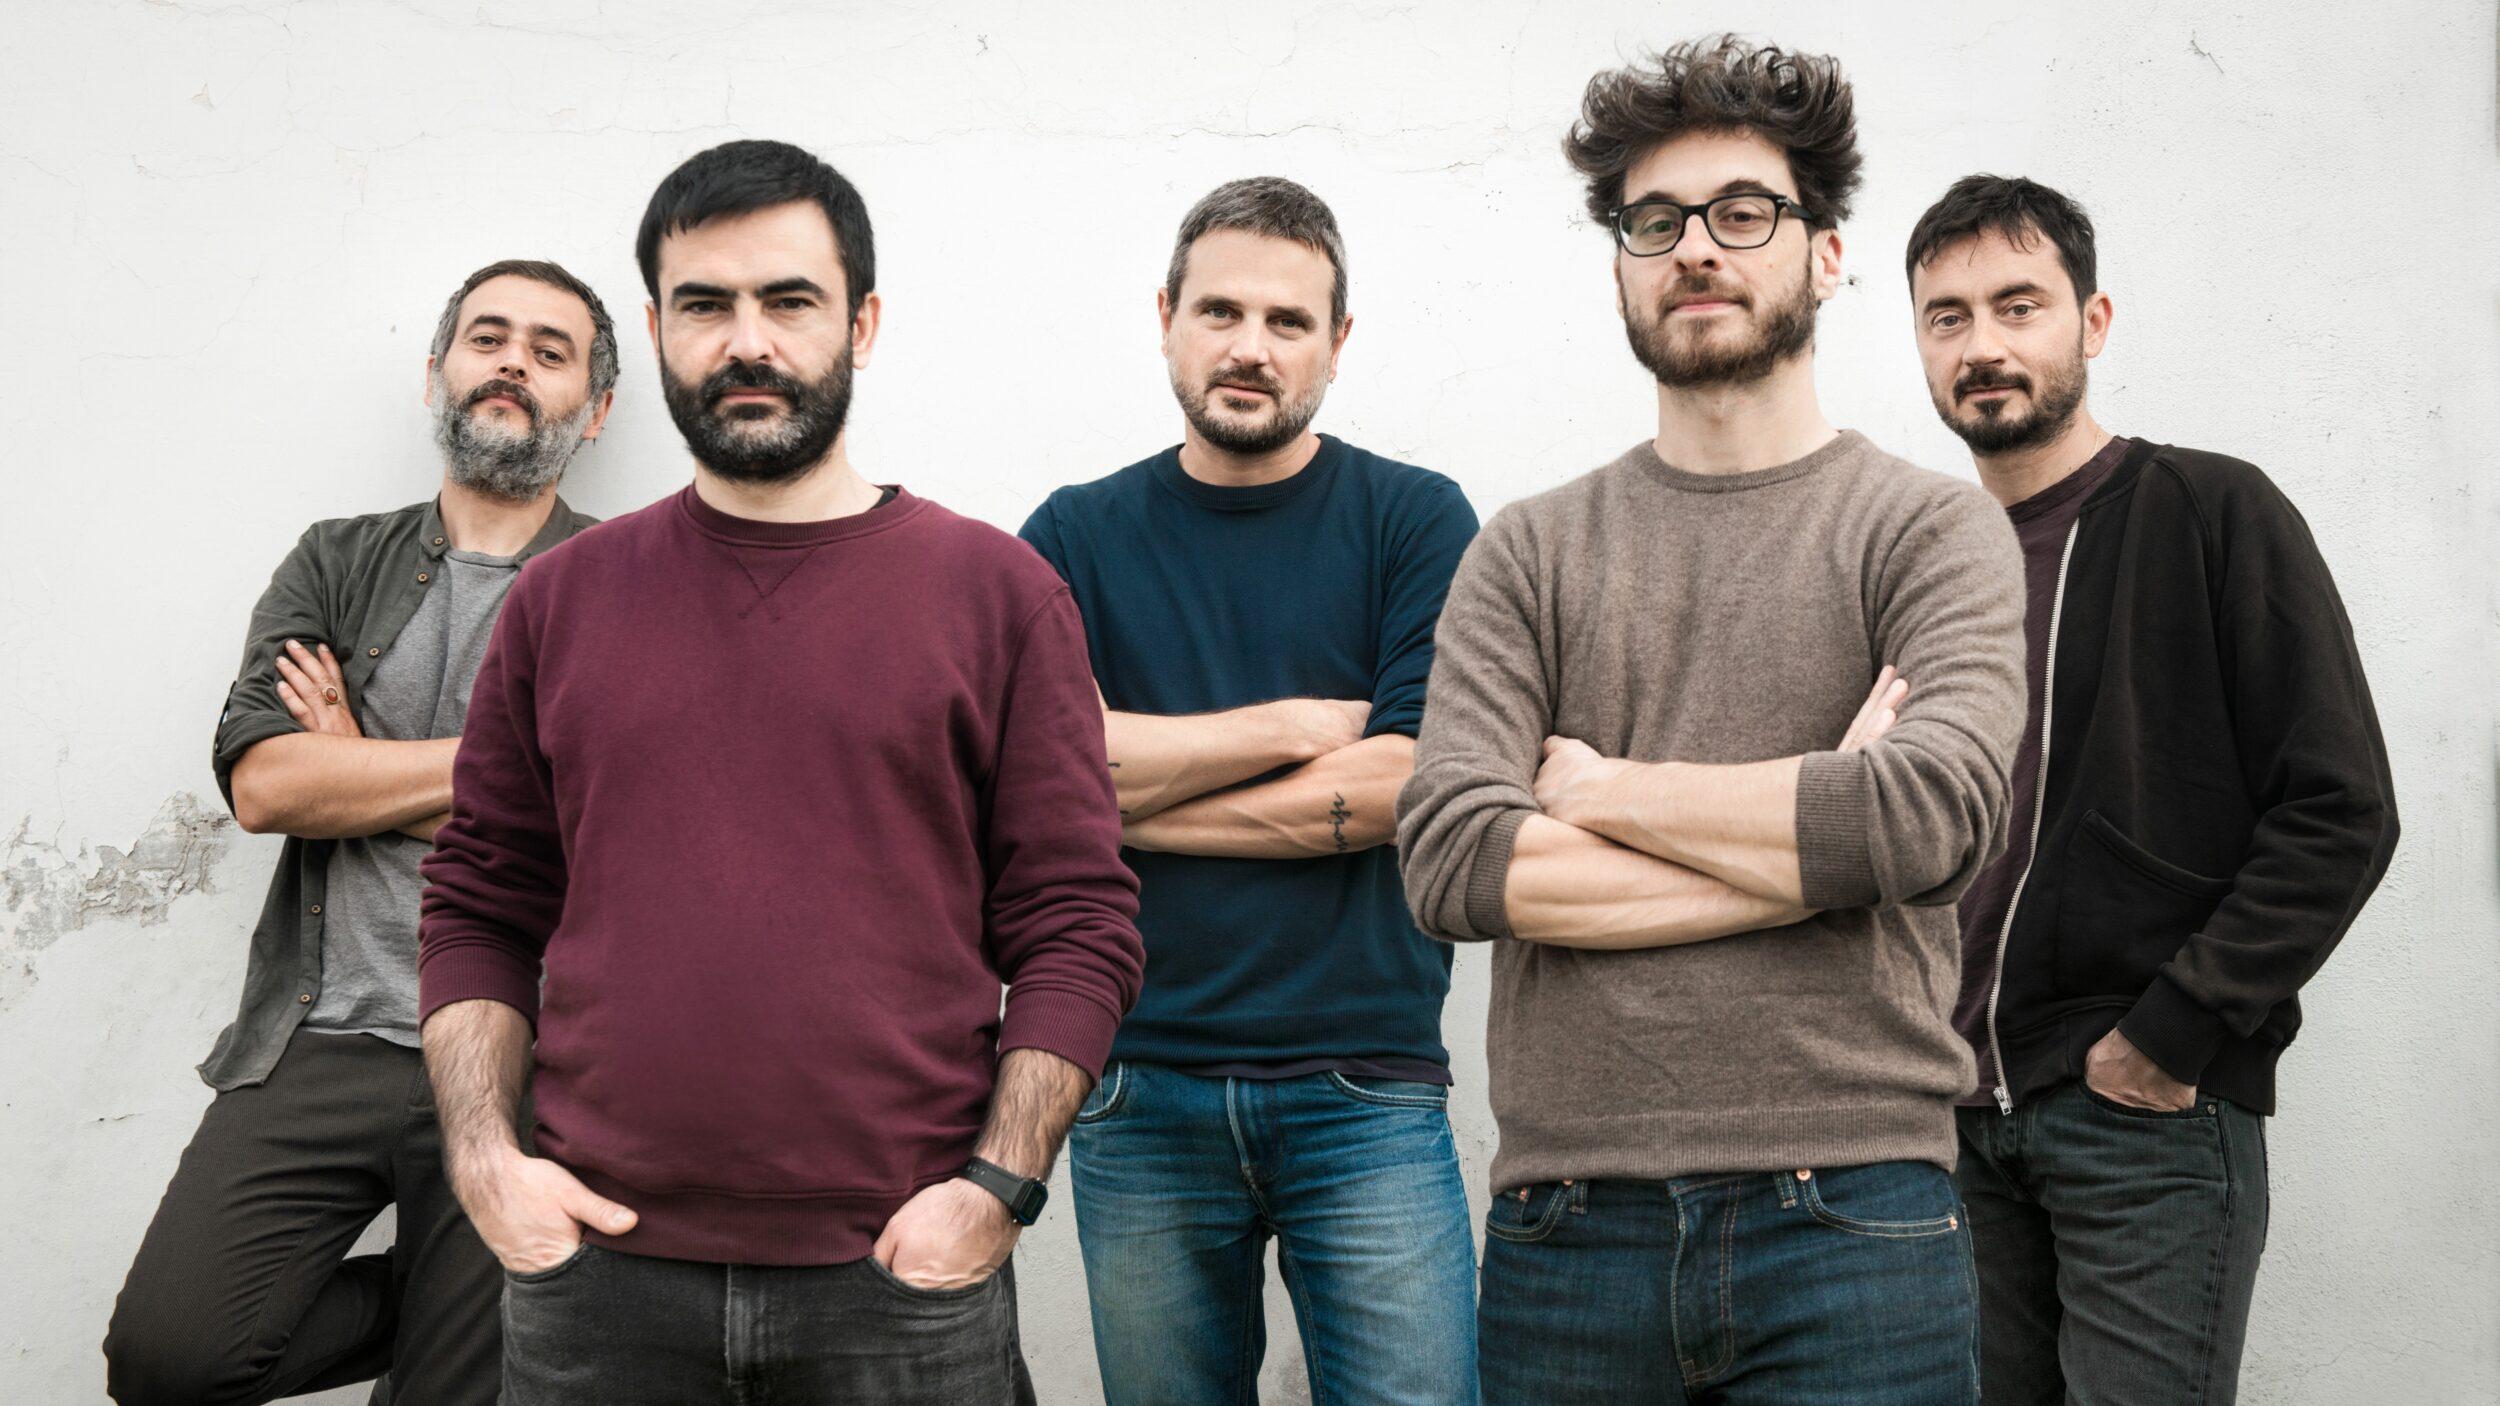 Mokadelic_Alberto Broccatelli, Cristian Marras, Maurizio Mazzenga, Alessio Mecozzi, Luca Novelli_credit Giulia Natalia Comito